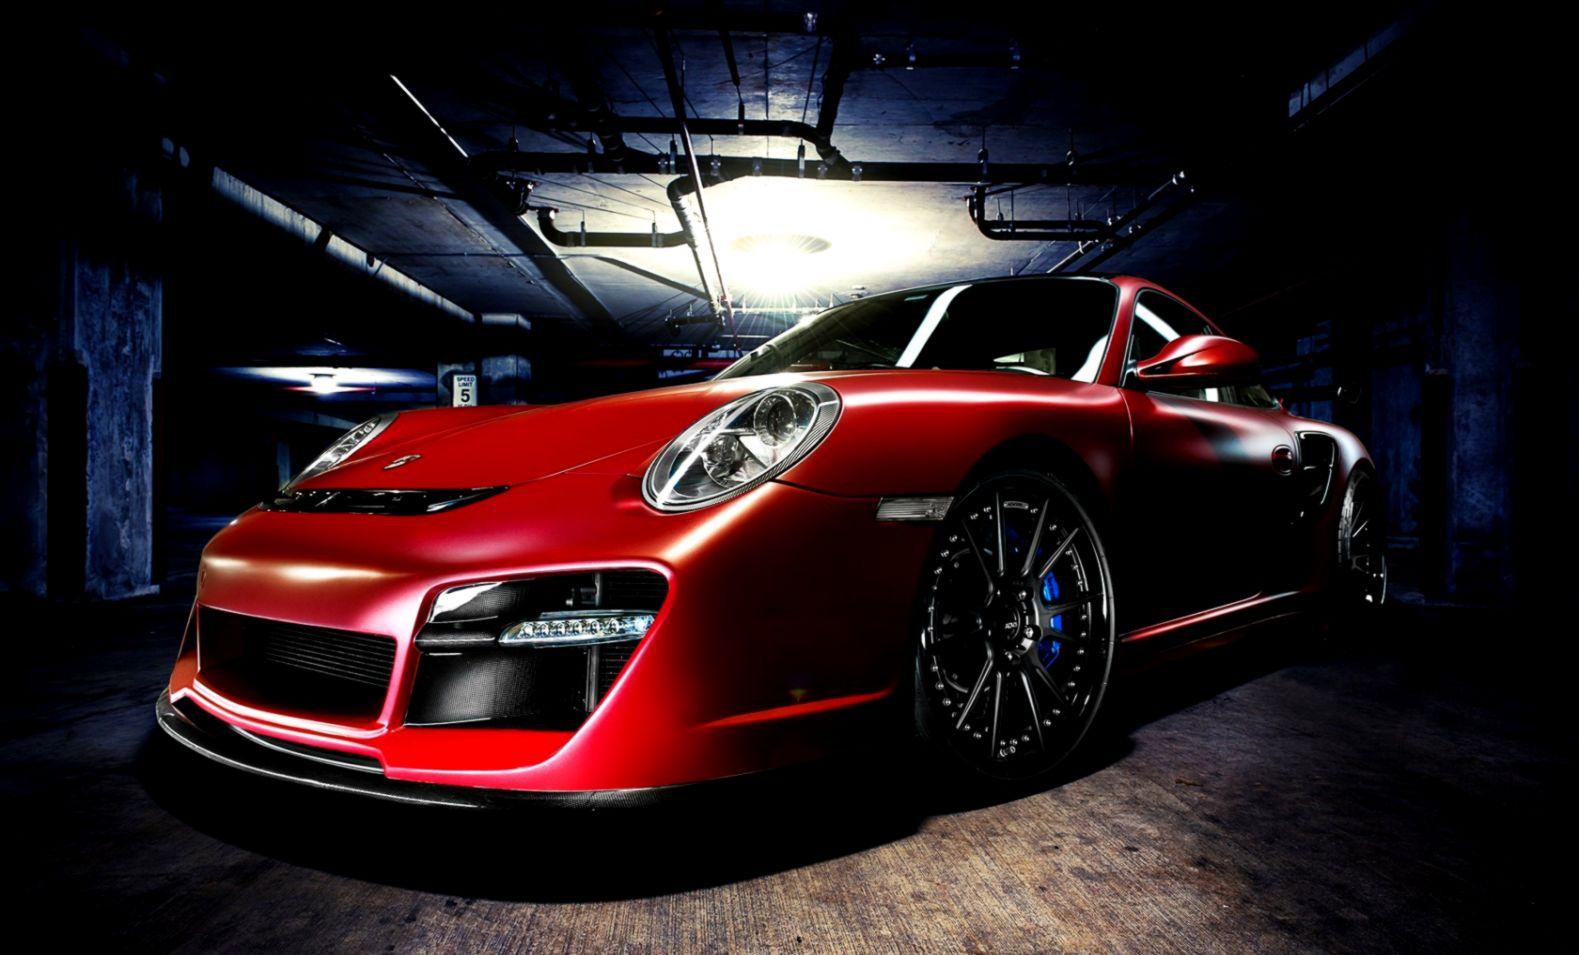 Porsche 911 Red Car Hd Wallpaper Wallpapers Awards